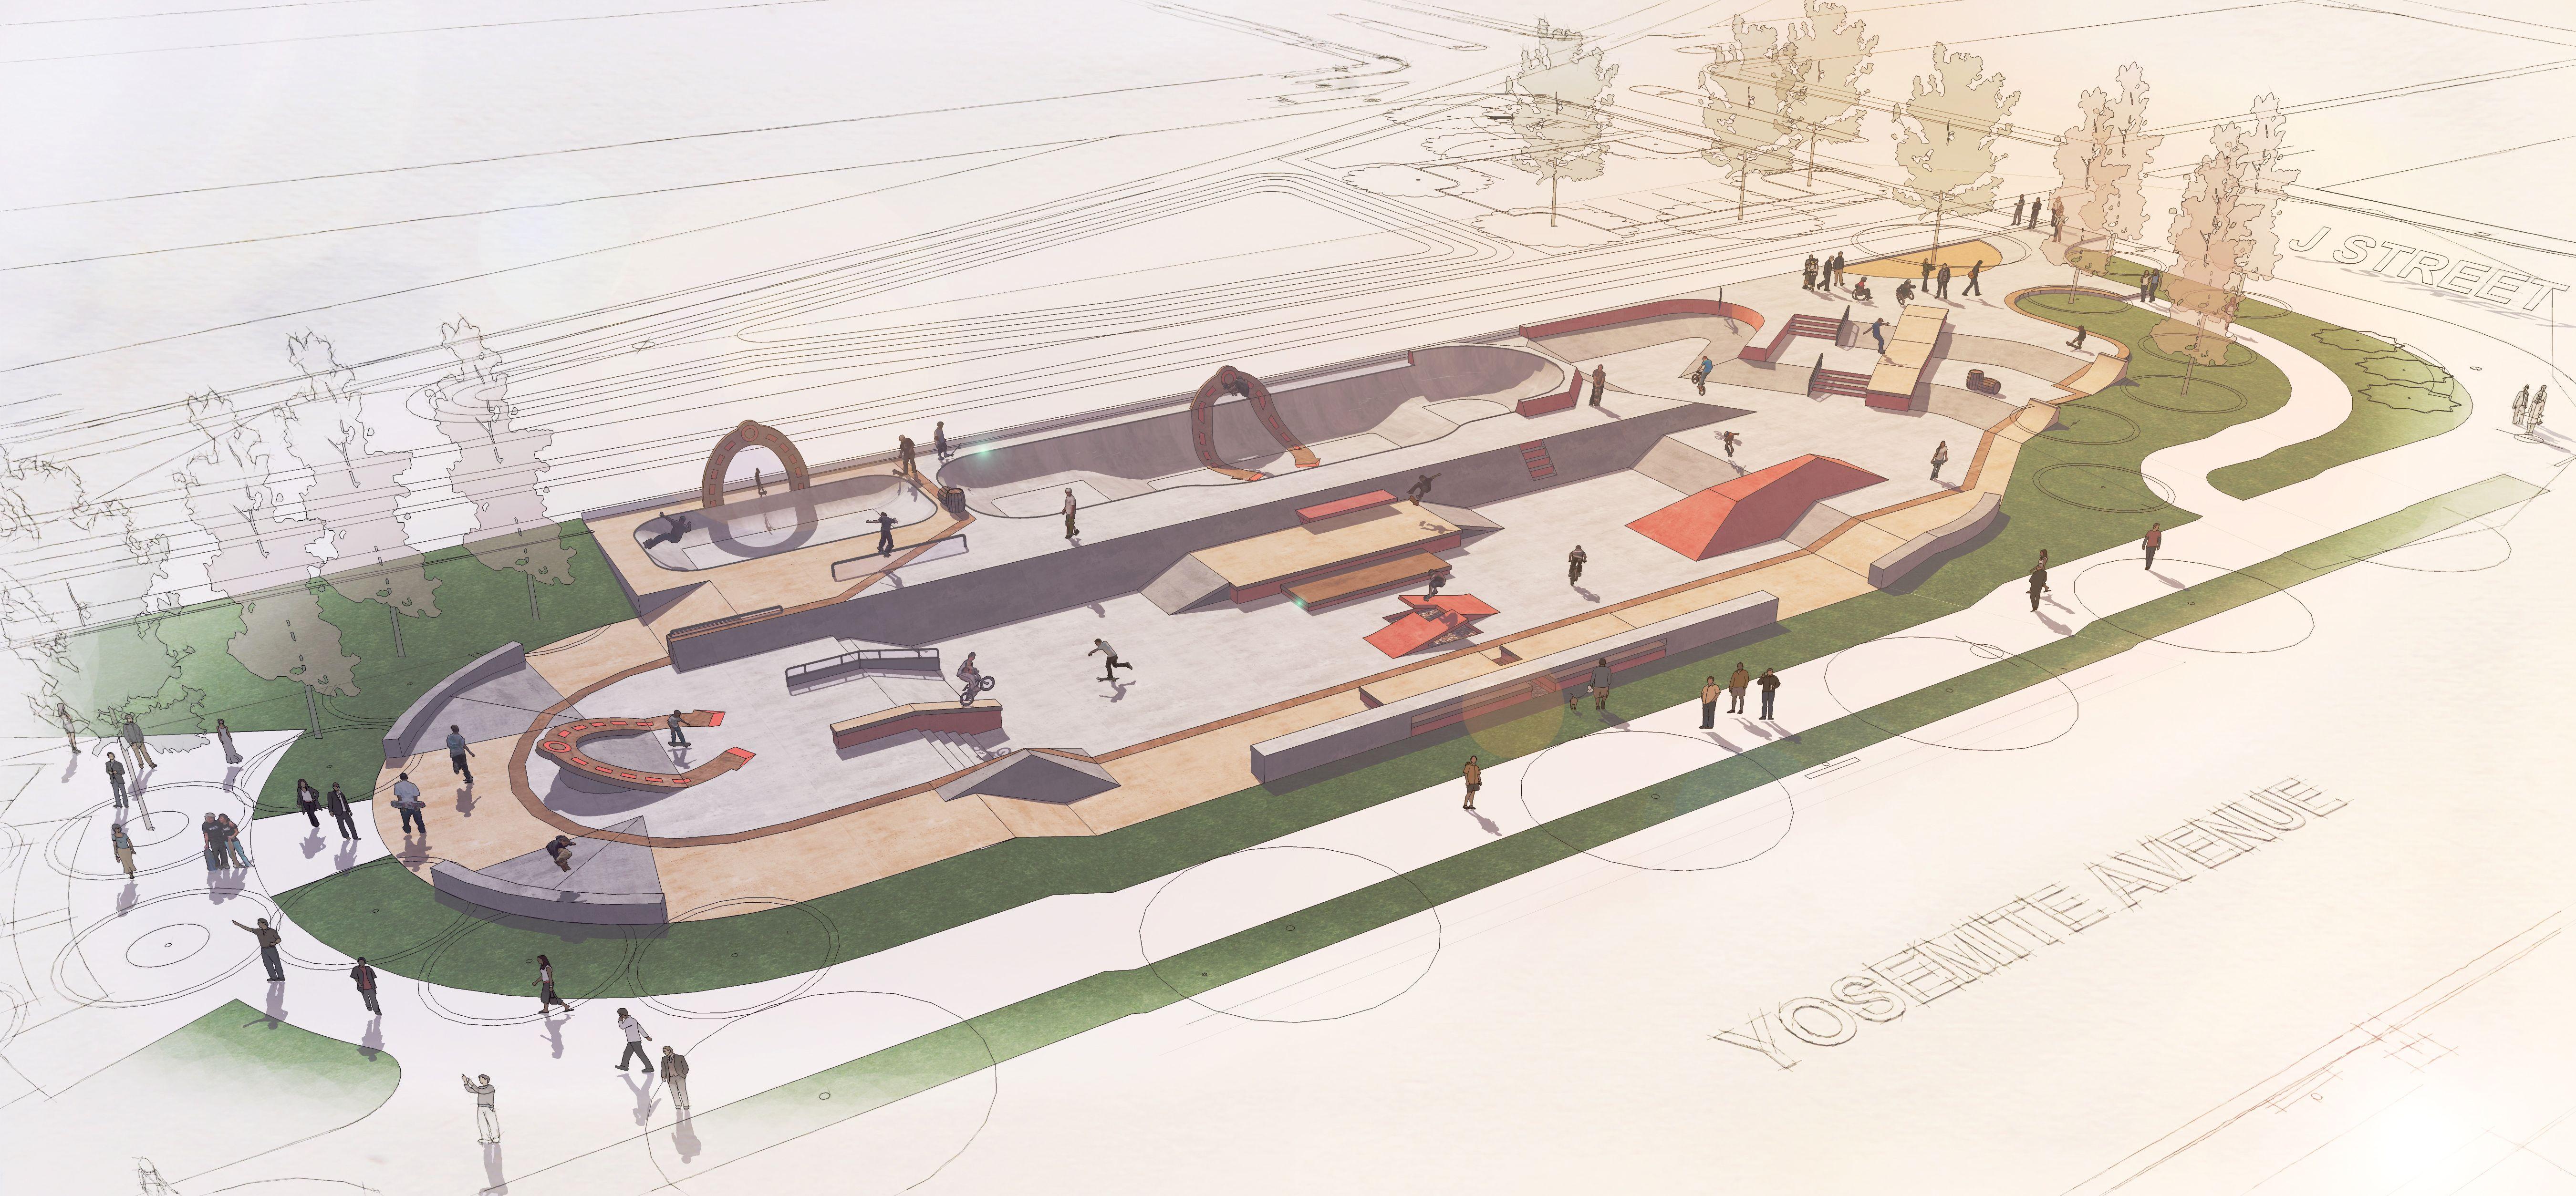 Roller skating rink milpitas - Landscape Skating Perspective Google Search